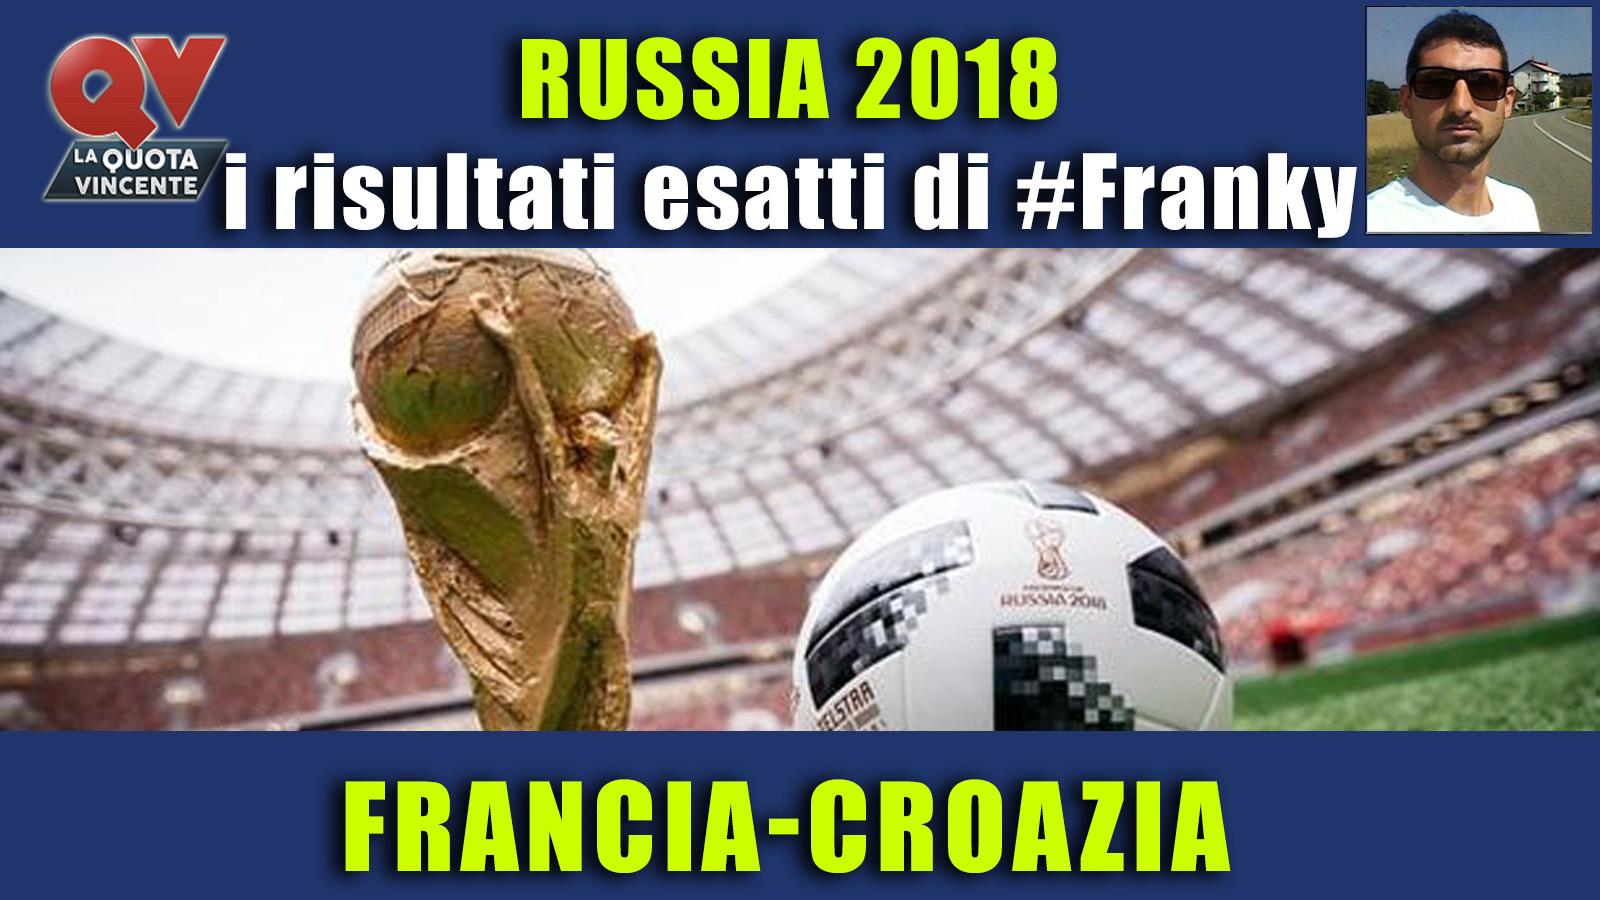 Pronostici risultati esatti Mondiali 15 luglio: le scelte di #FrankyDefa per la finale